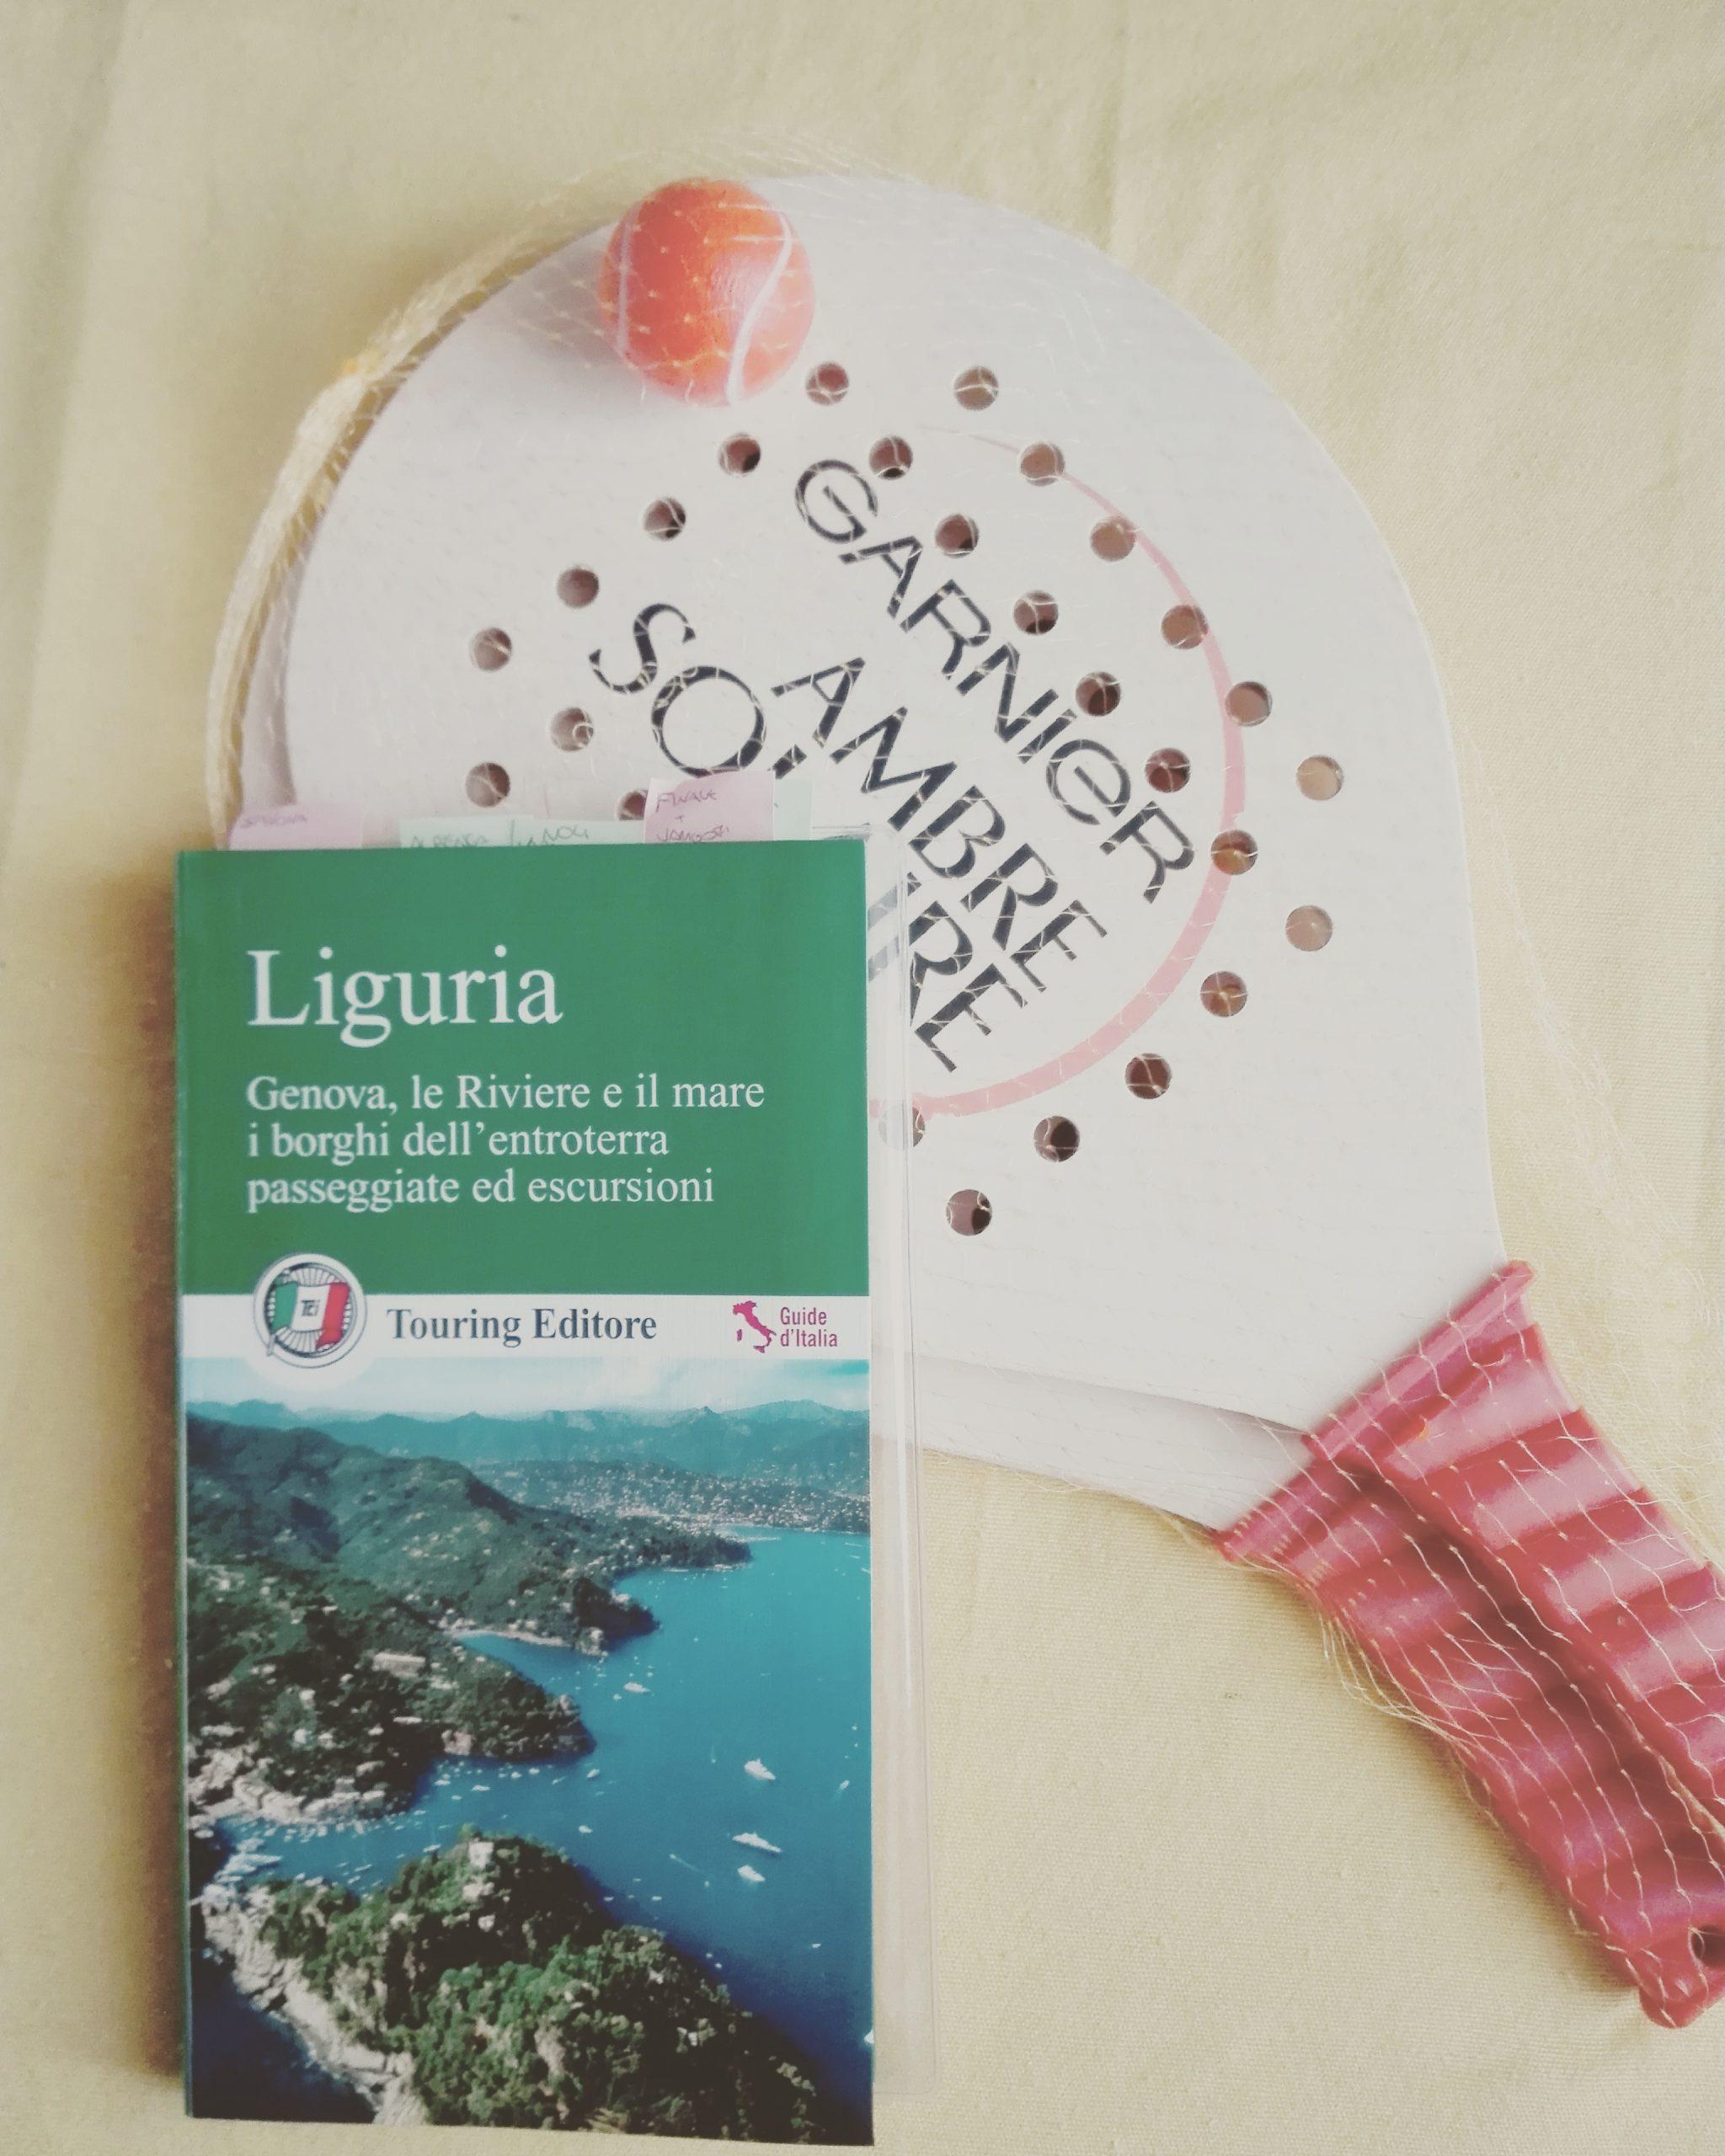 Next stop: Liguria di Ponente